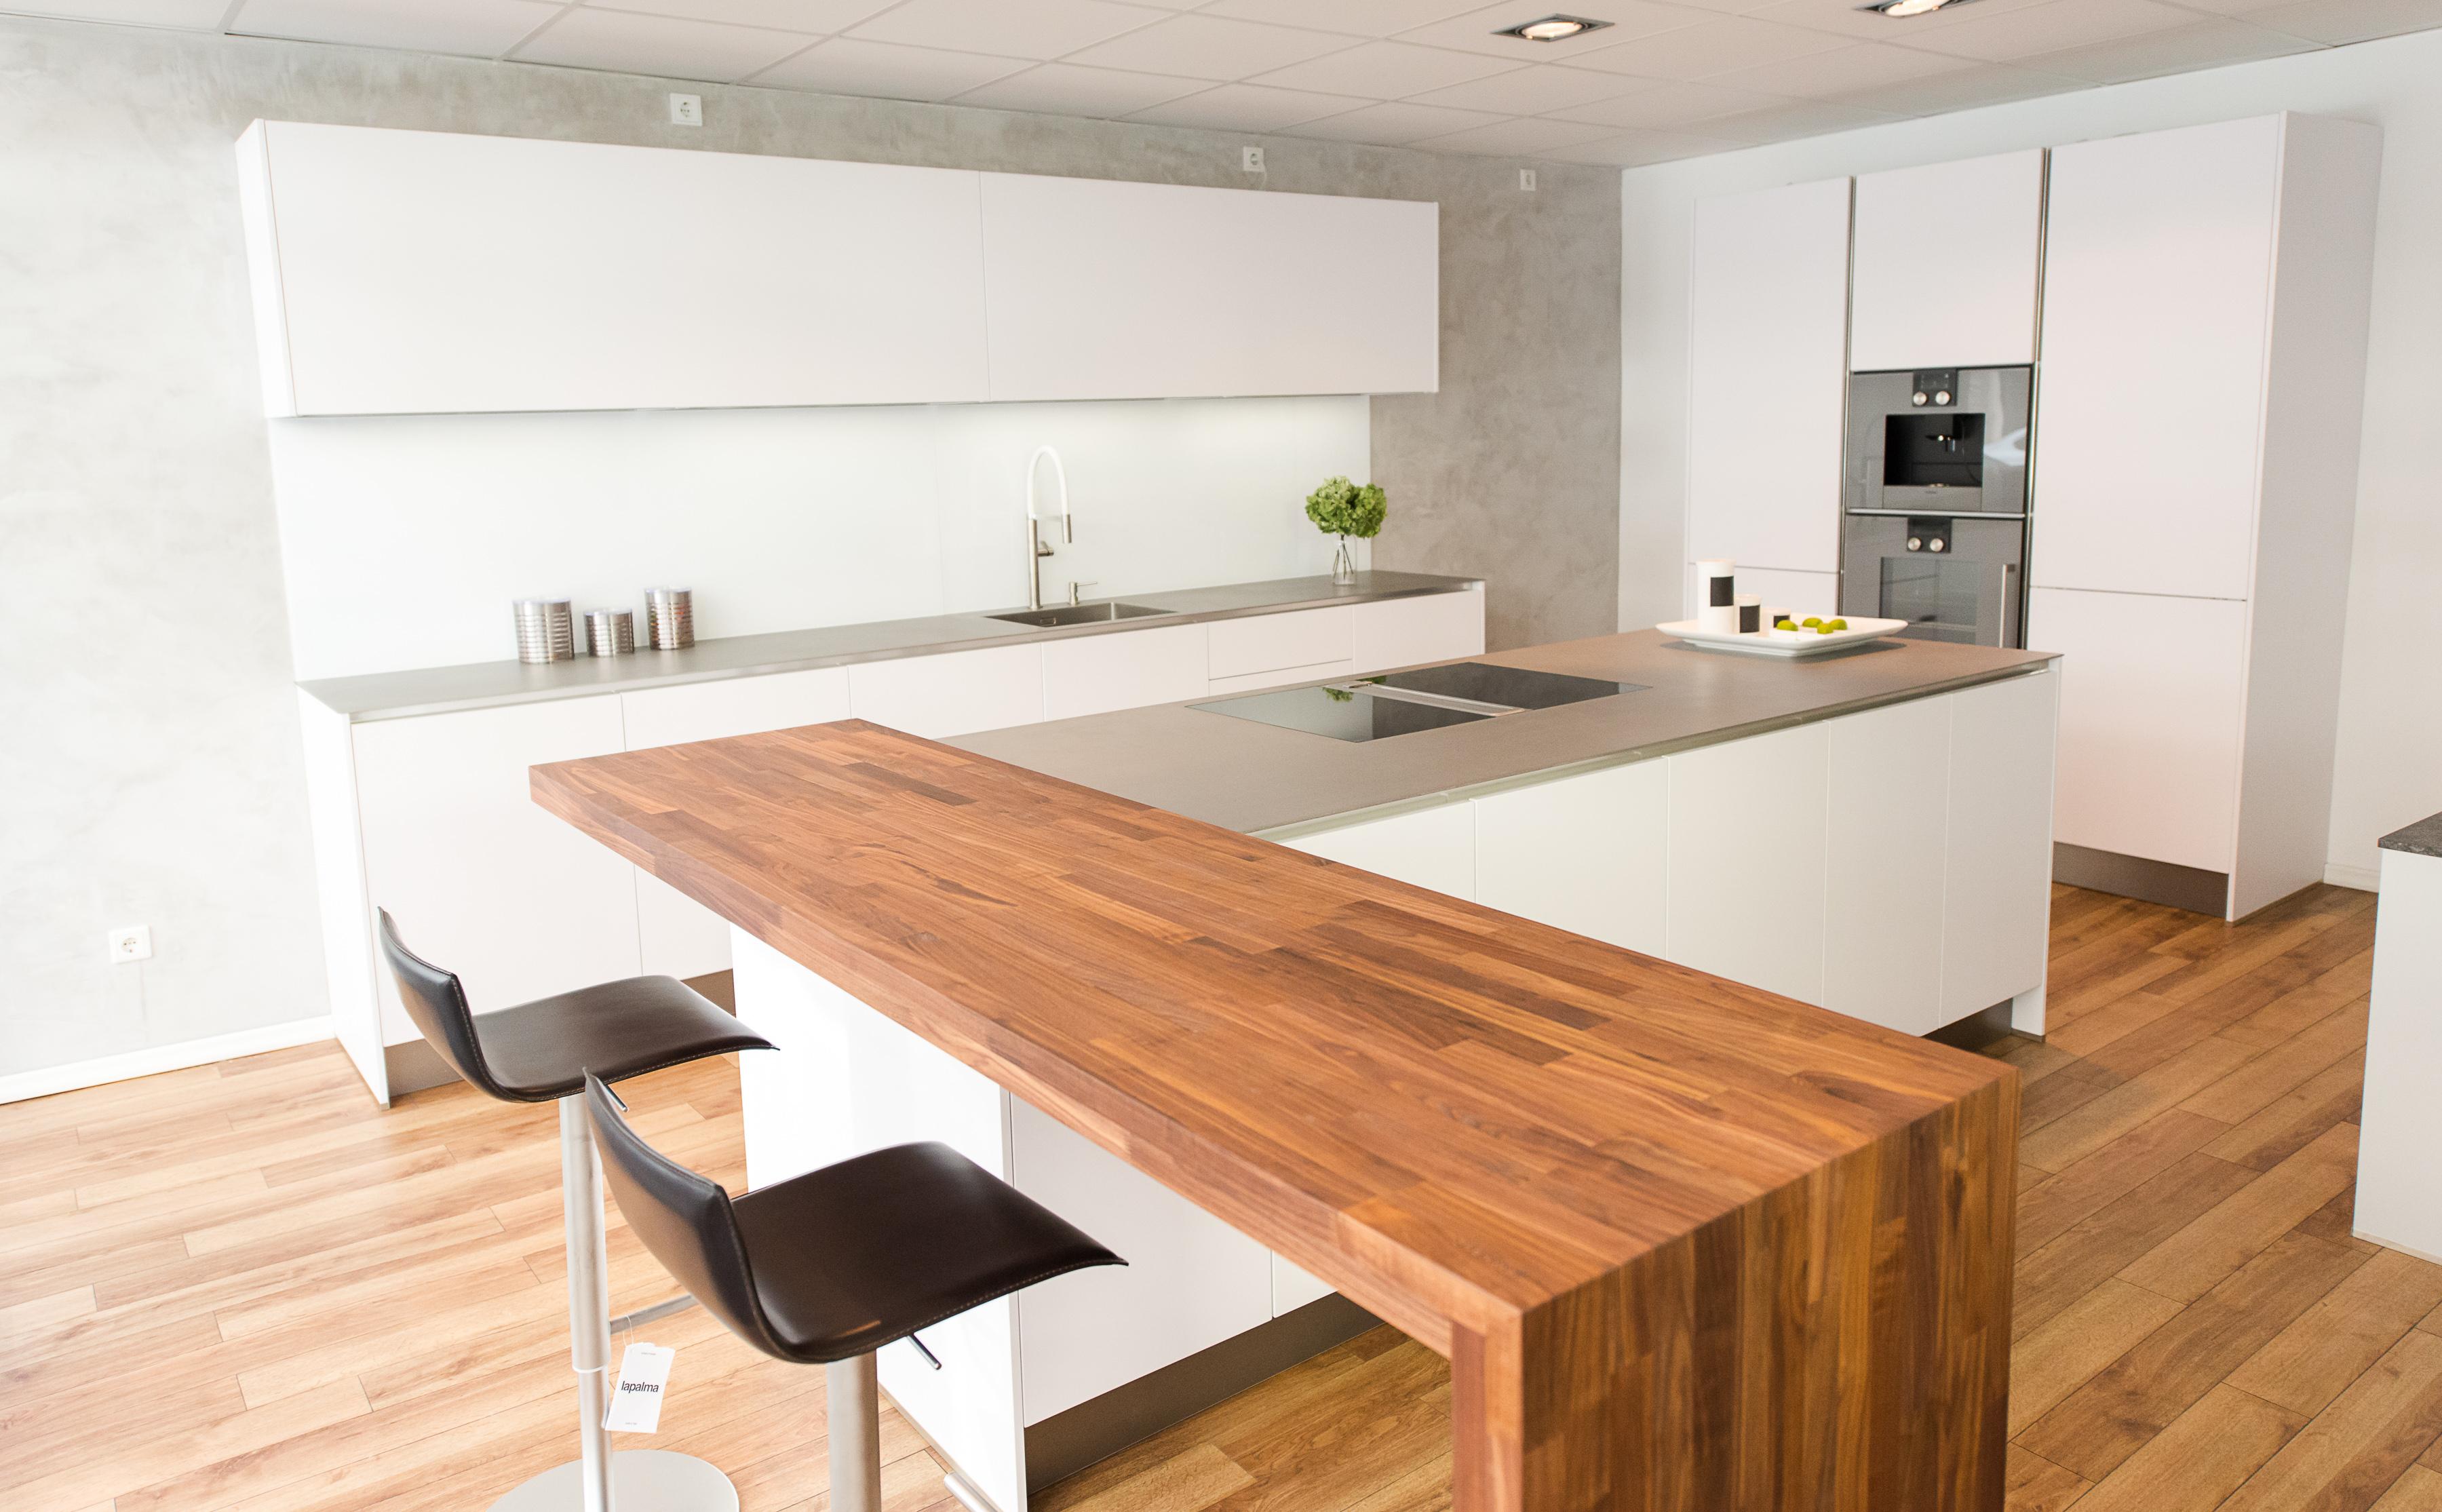 Erfreut Küchendesign Eckwand Backofen Galerie - Küche Set Ideen ...